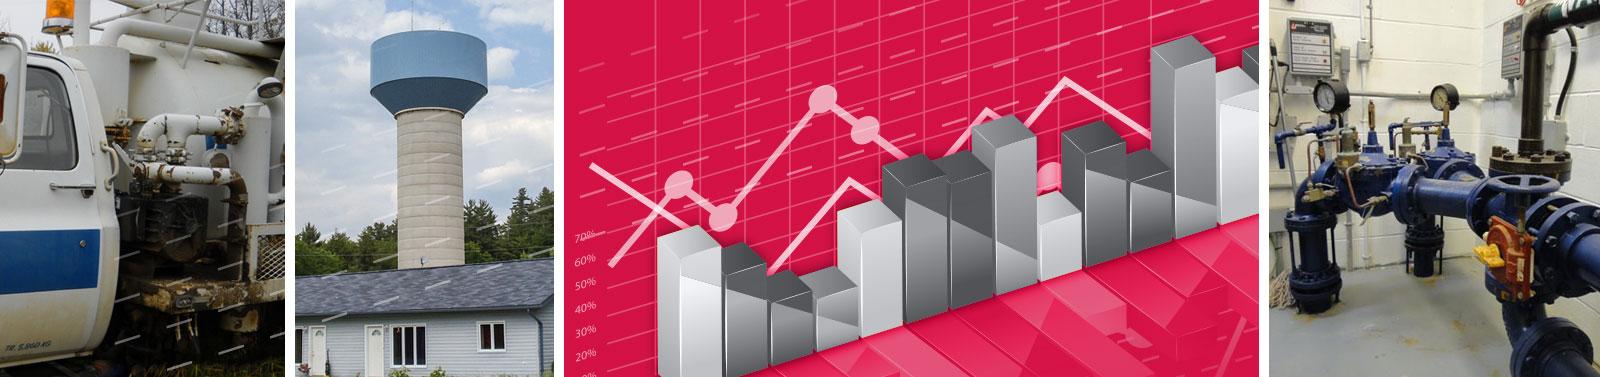 GIS Asset Management Banner Image